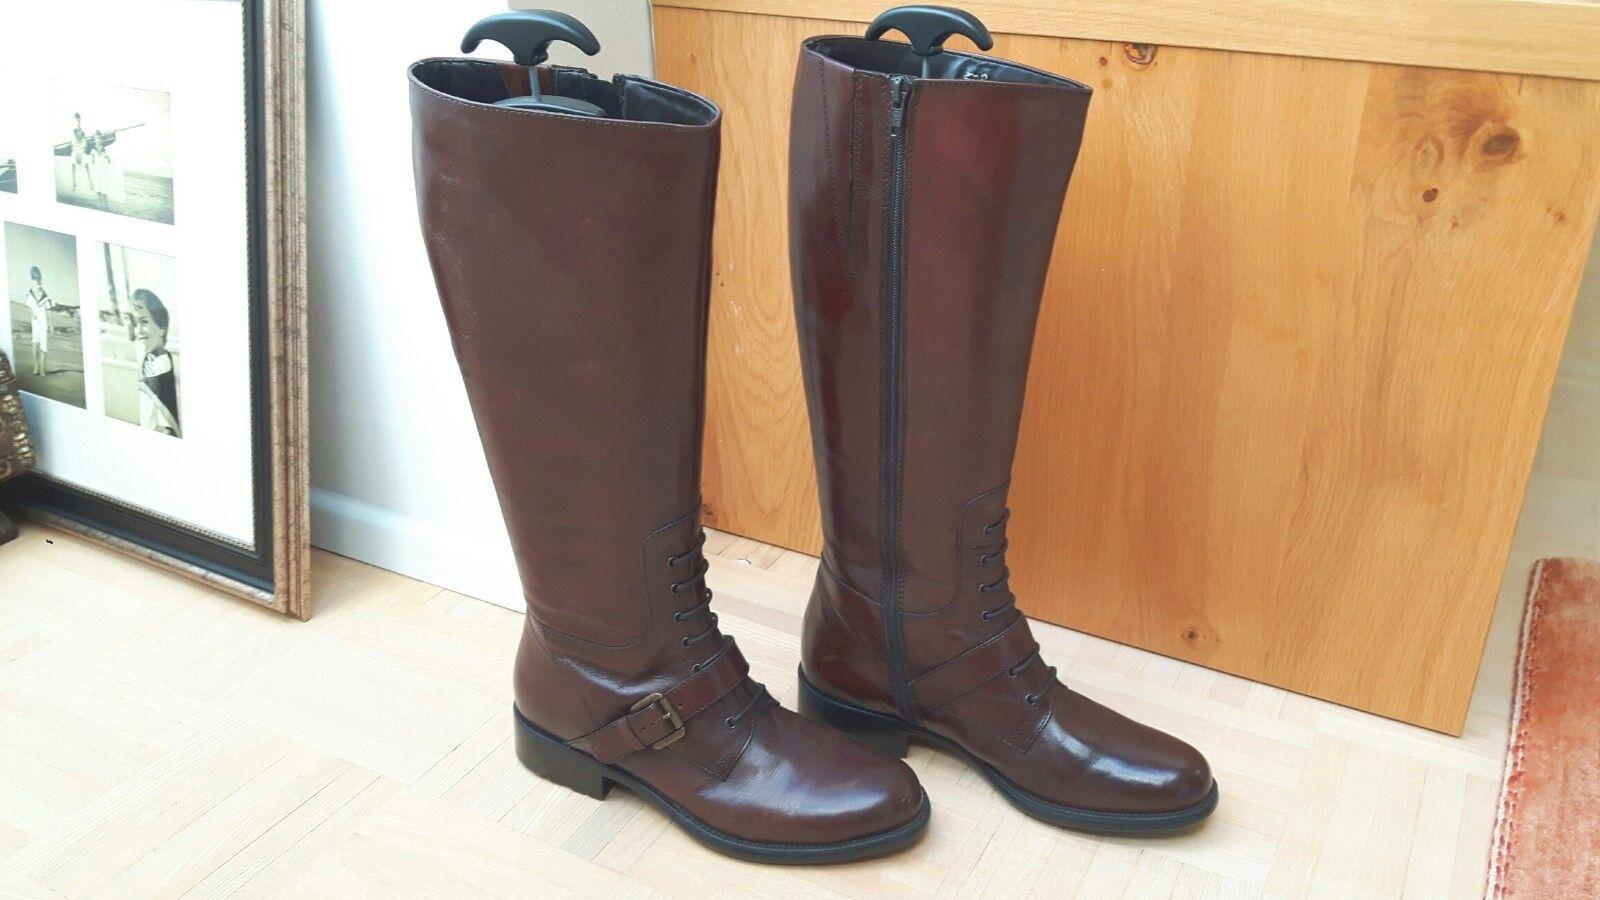 Lederstiefel Schnürrstiefel Gr. 39 Leder Stiefel Schnürrung  Schnürrstiefel Lederstiefel braun, Absatz 3 cm ea0c12